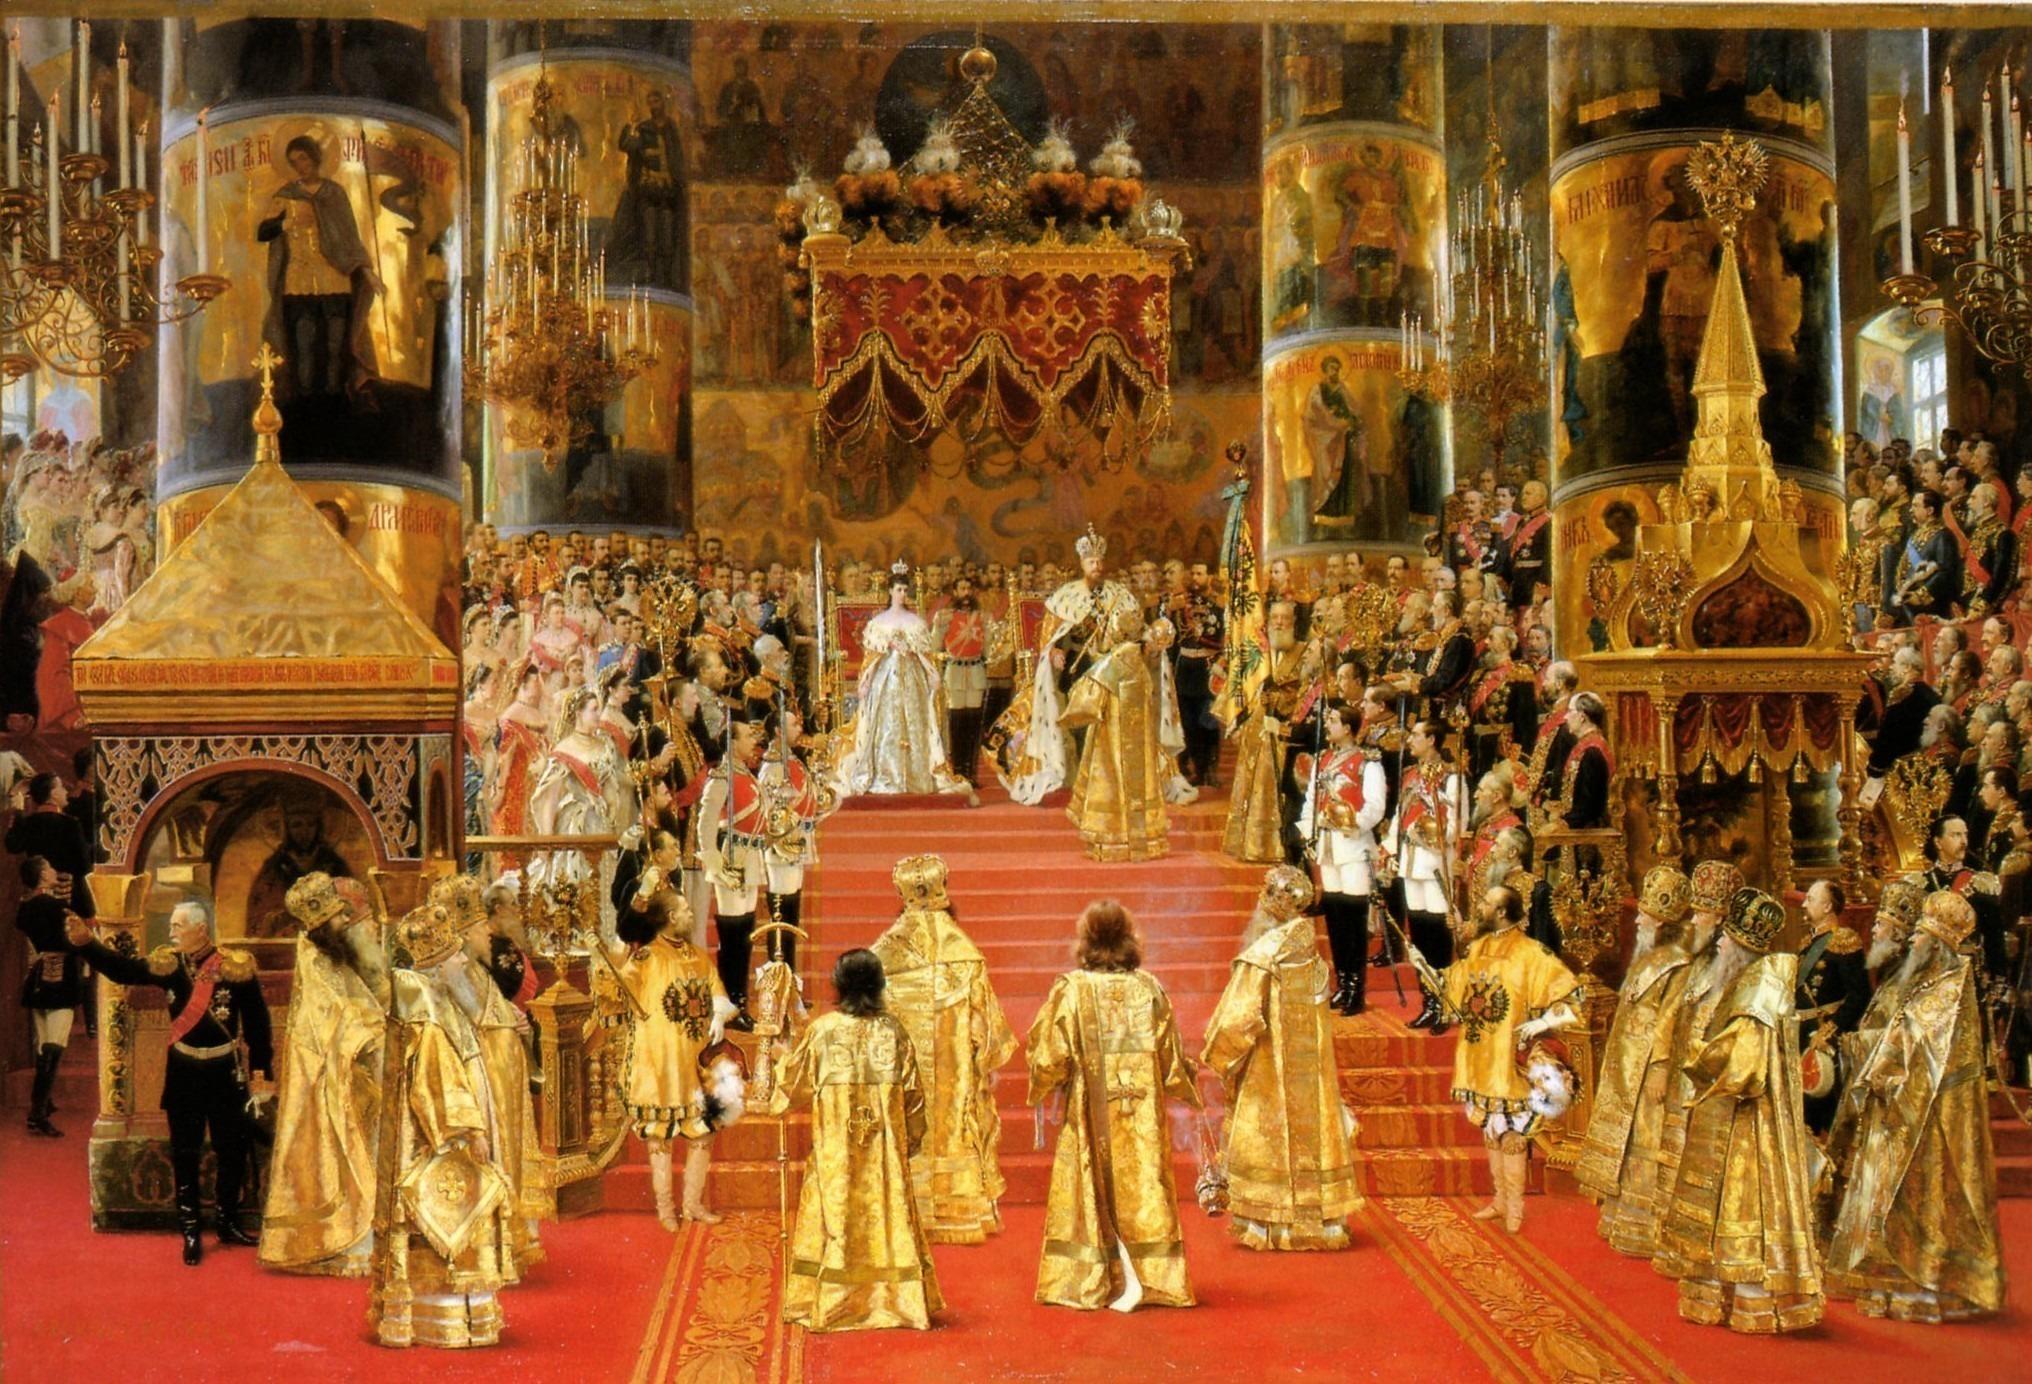 Жорж Беккер, Коронация императора Александра III и императрицы Марии Федоровны